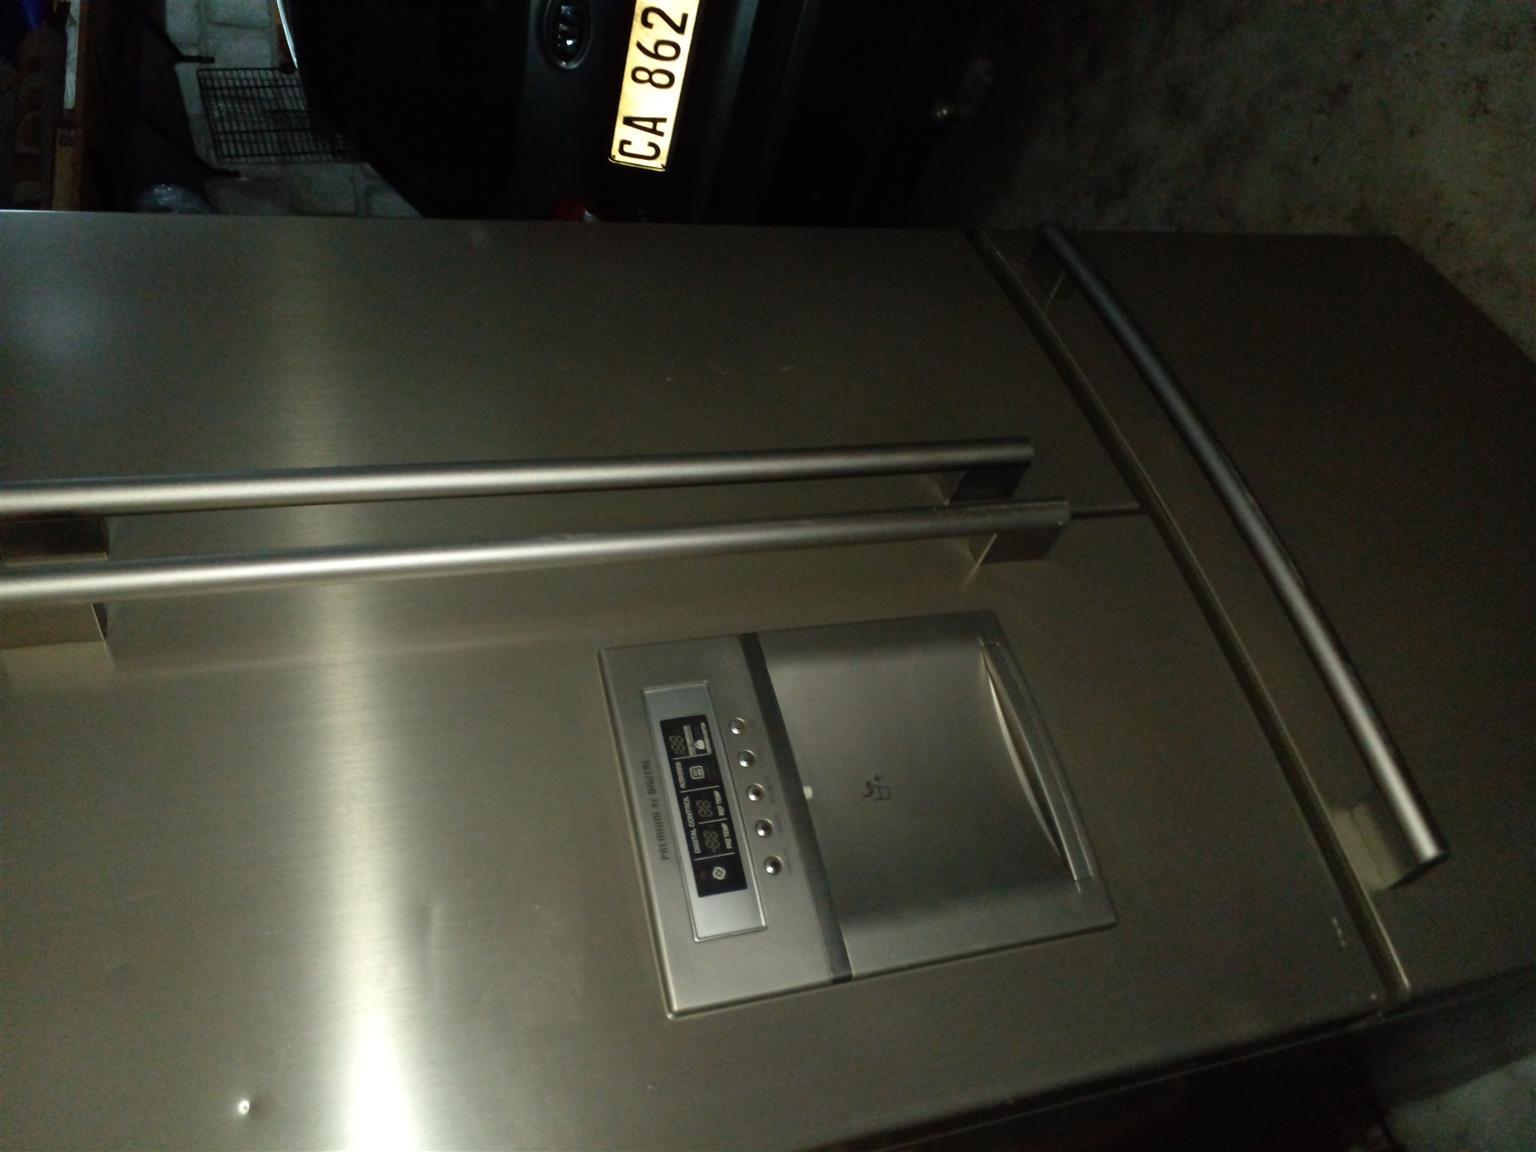 LG 3door fridge for sale